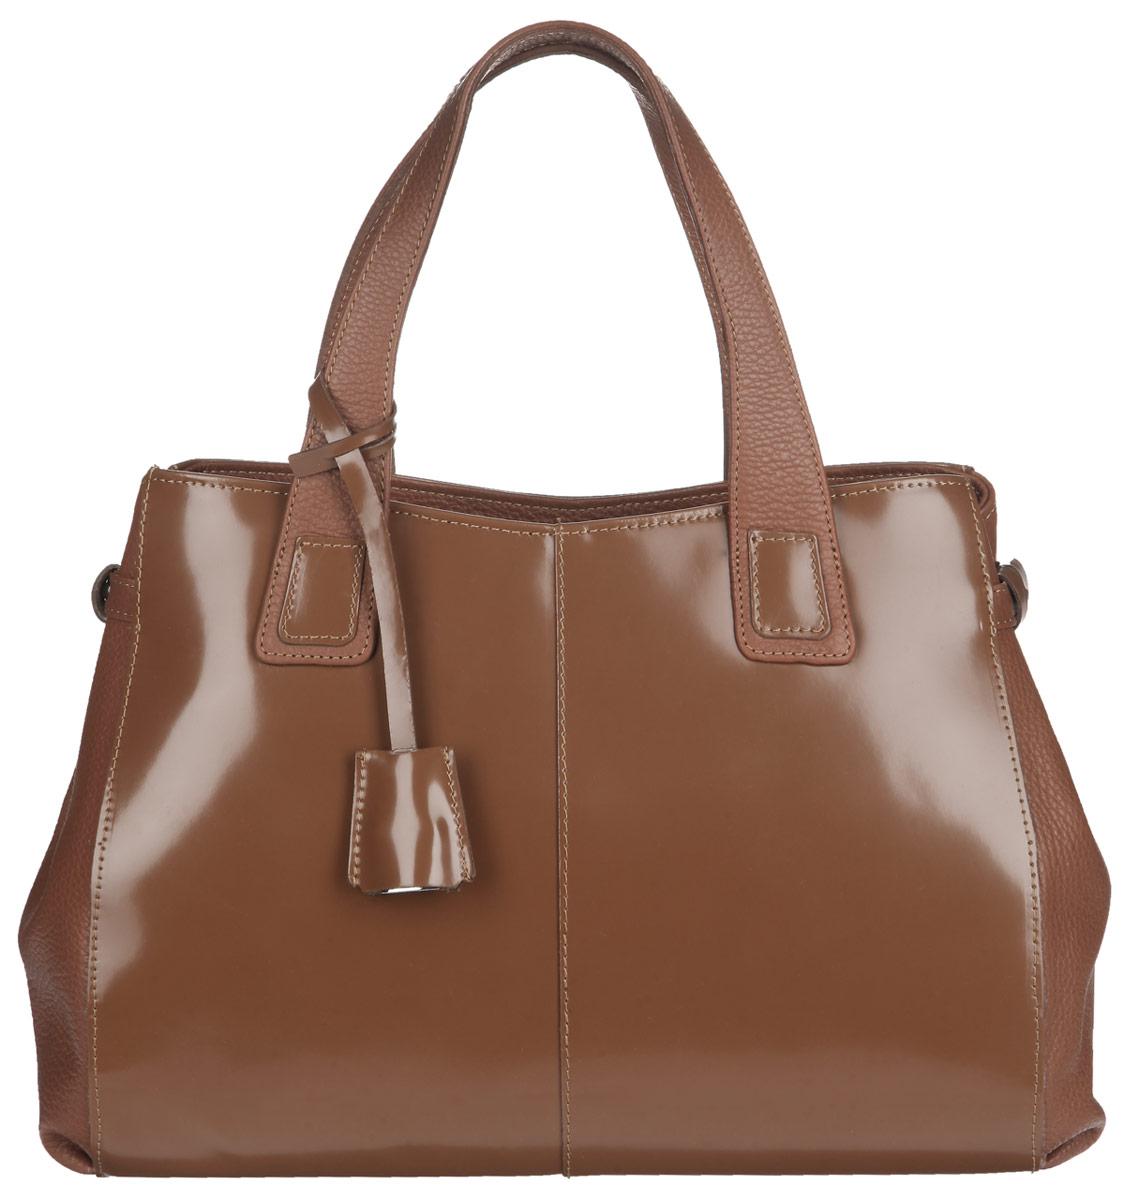 Сумка женская Afina, цвет: коньячный. 199199Изысканная женская сумка Afina выполнена из качественной натуральной кожи. Изделие имеет одно основное отделение, закрывающееся на застежку-молнию. Внутри - два накладных кармашка и два вшитых кармана на молнии. Снаружи на задней стенке располагается прорезной карман на молнии. Модель оснащена плечевым ремнем, который регулируется по длине. Сумка дополнена декоративным металлическим элементом в виде замочка с ключиком на ручках и может регулироваться в объеме по бокам. Роскошная сумка внесет элегантные нотки в ваш образ и подчеркнет ваше отменное чувство стиля.